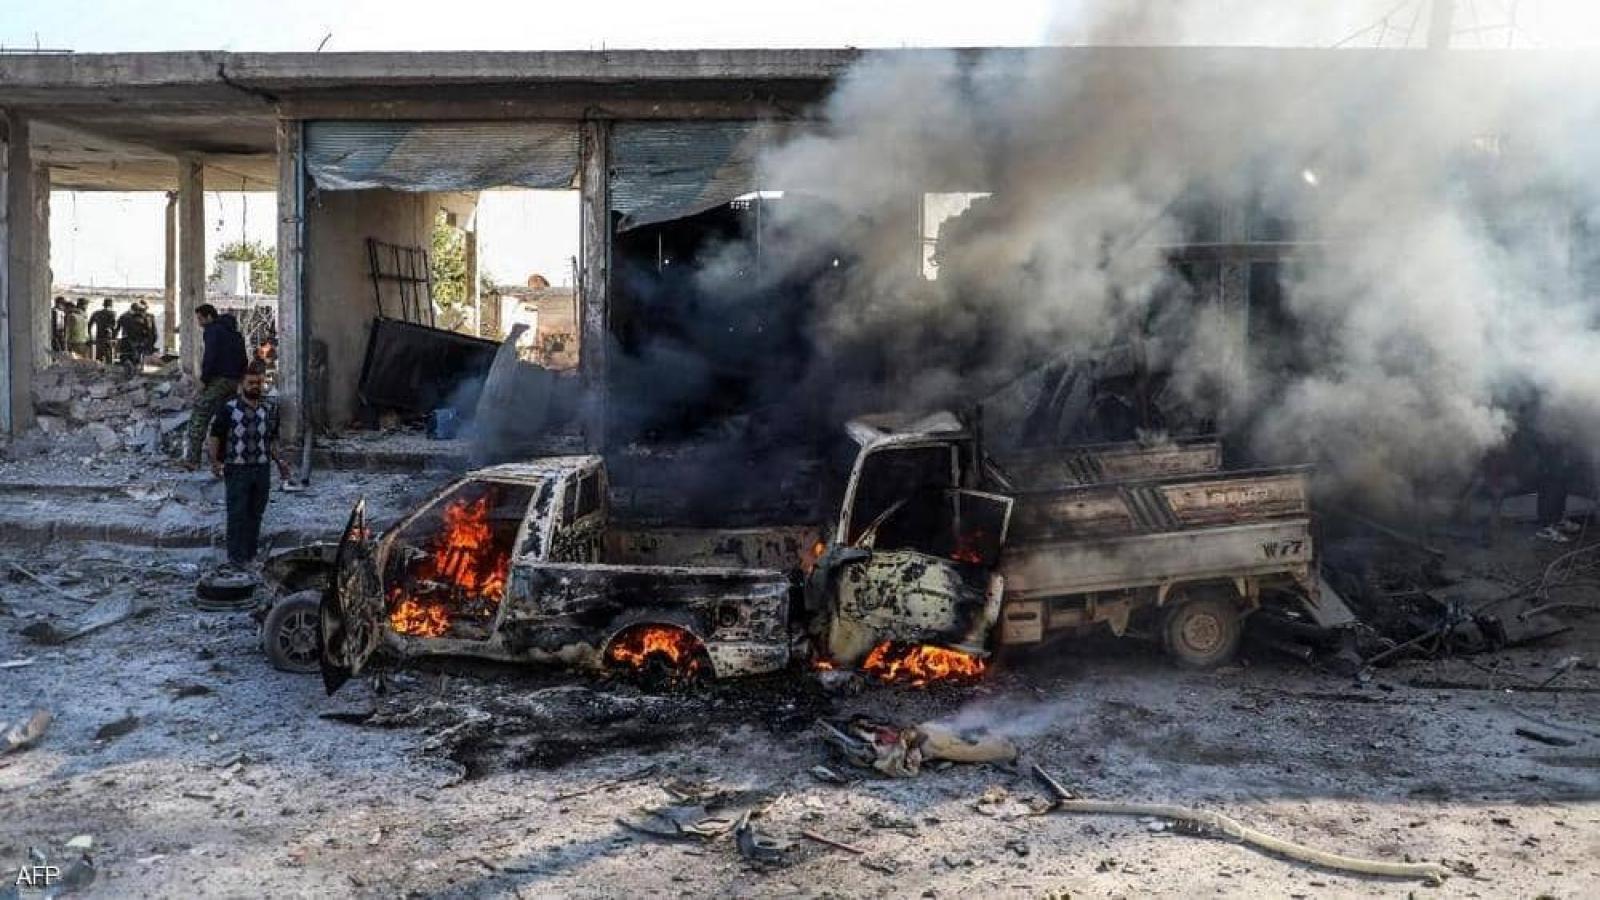 Tình hình khủng bố ở Trung Đông được ngăn chặn